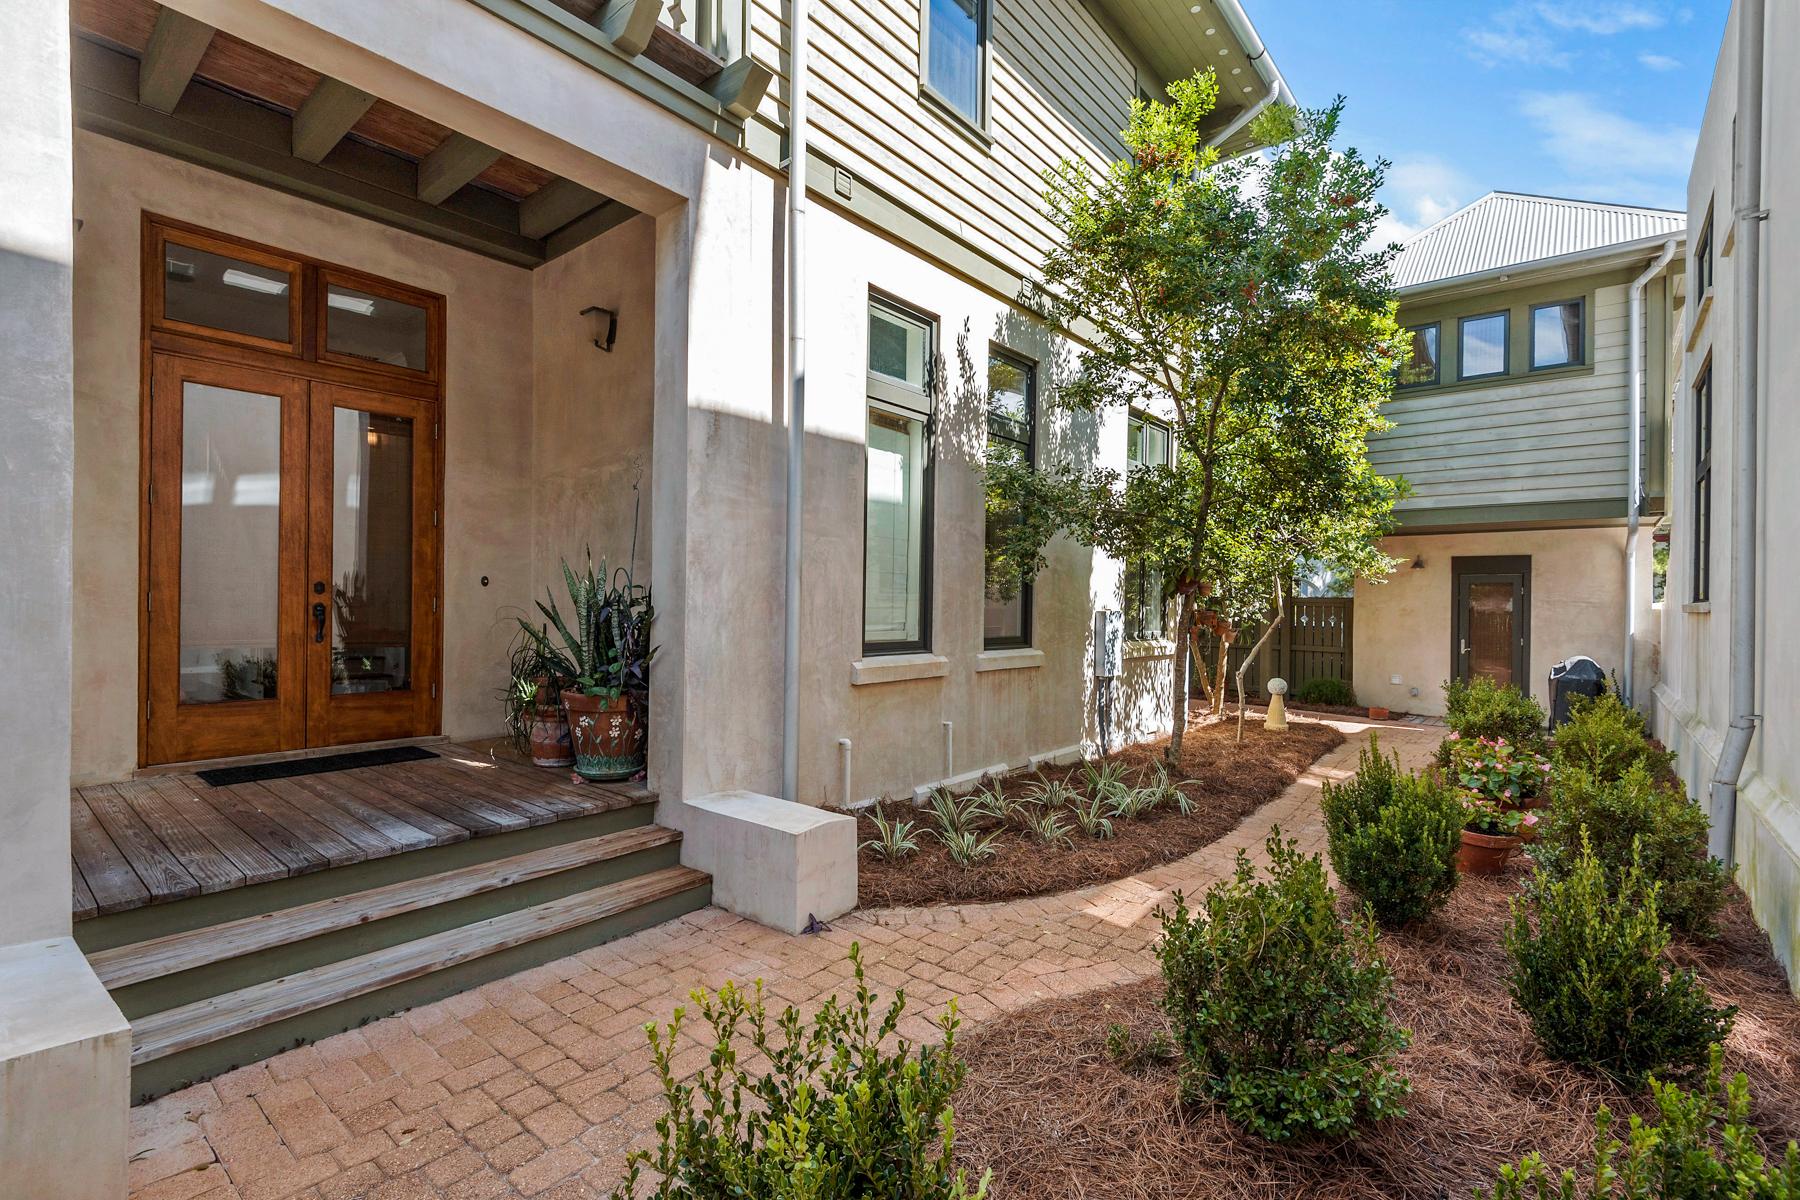 Einfamilienhaus für Verkauf beim LIVE THAT FLORIDA LIFESTYLE IN SOUGHT AFTER ROSEMARY BEACH 143 W Water Street Rosemary Beach, Rosemary Beach, Florida, 32461 Vereinigte Staaten